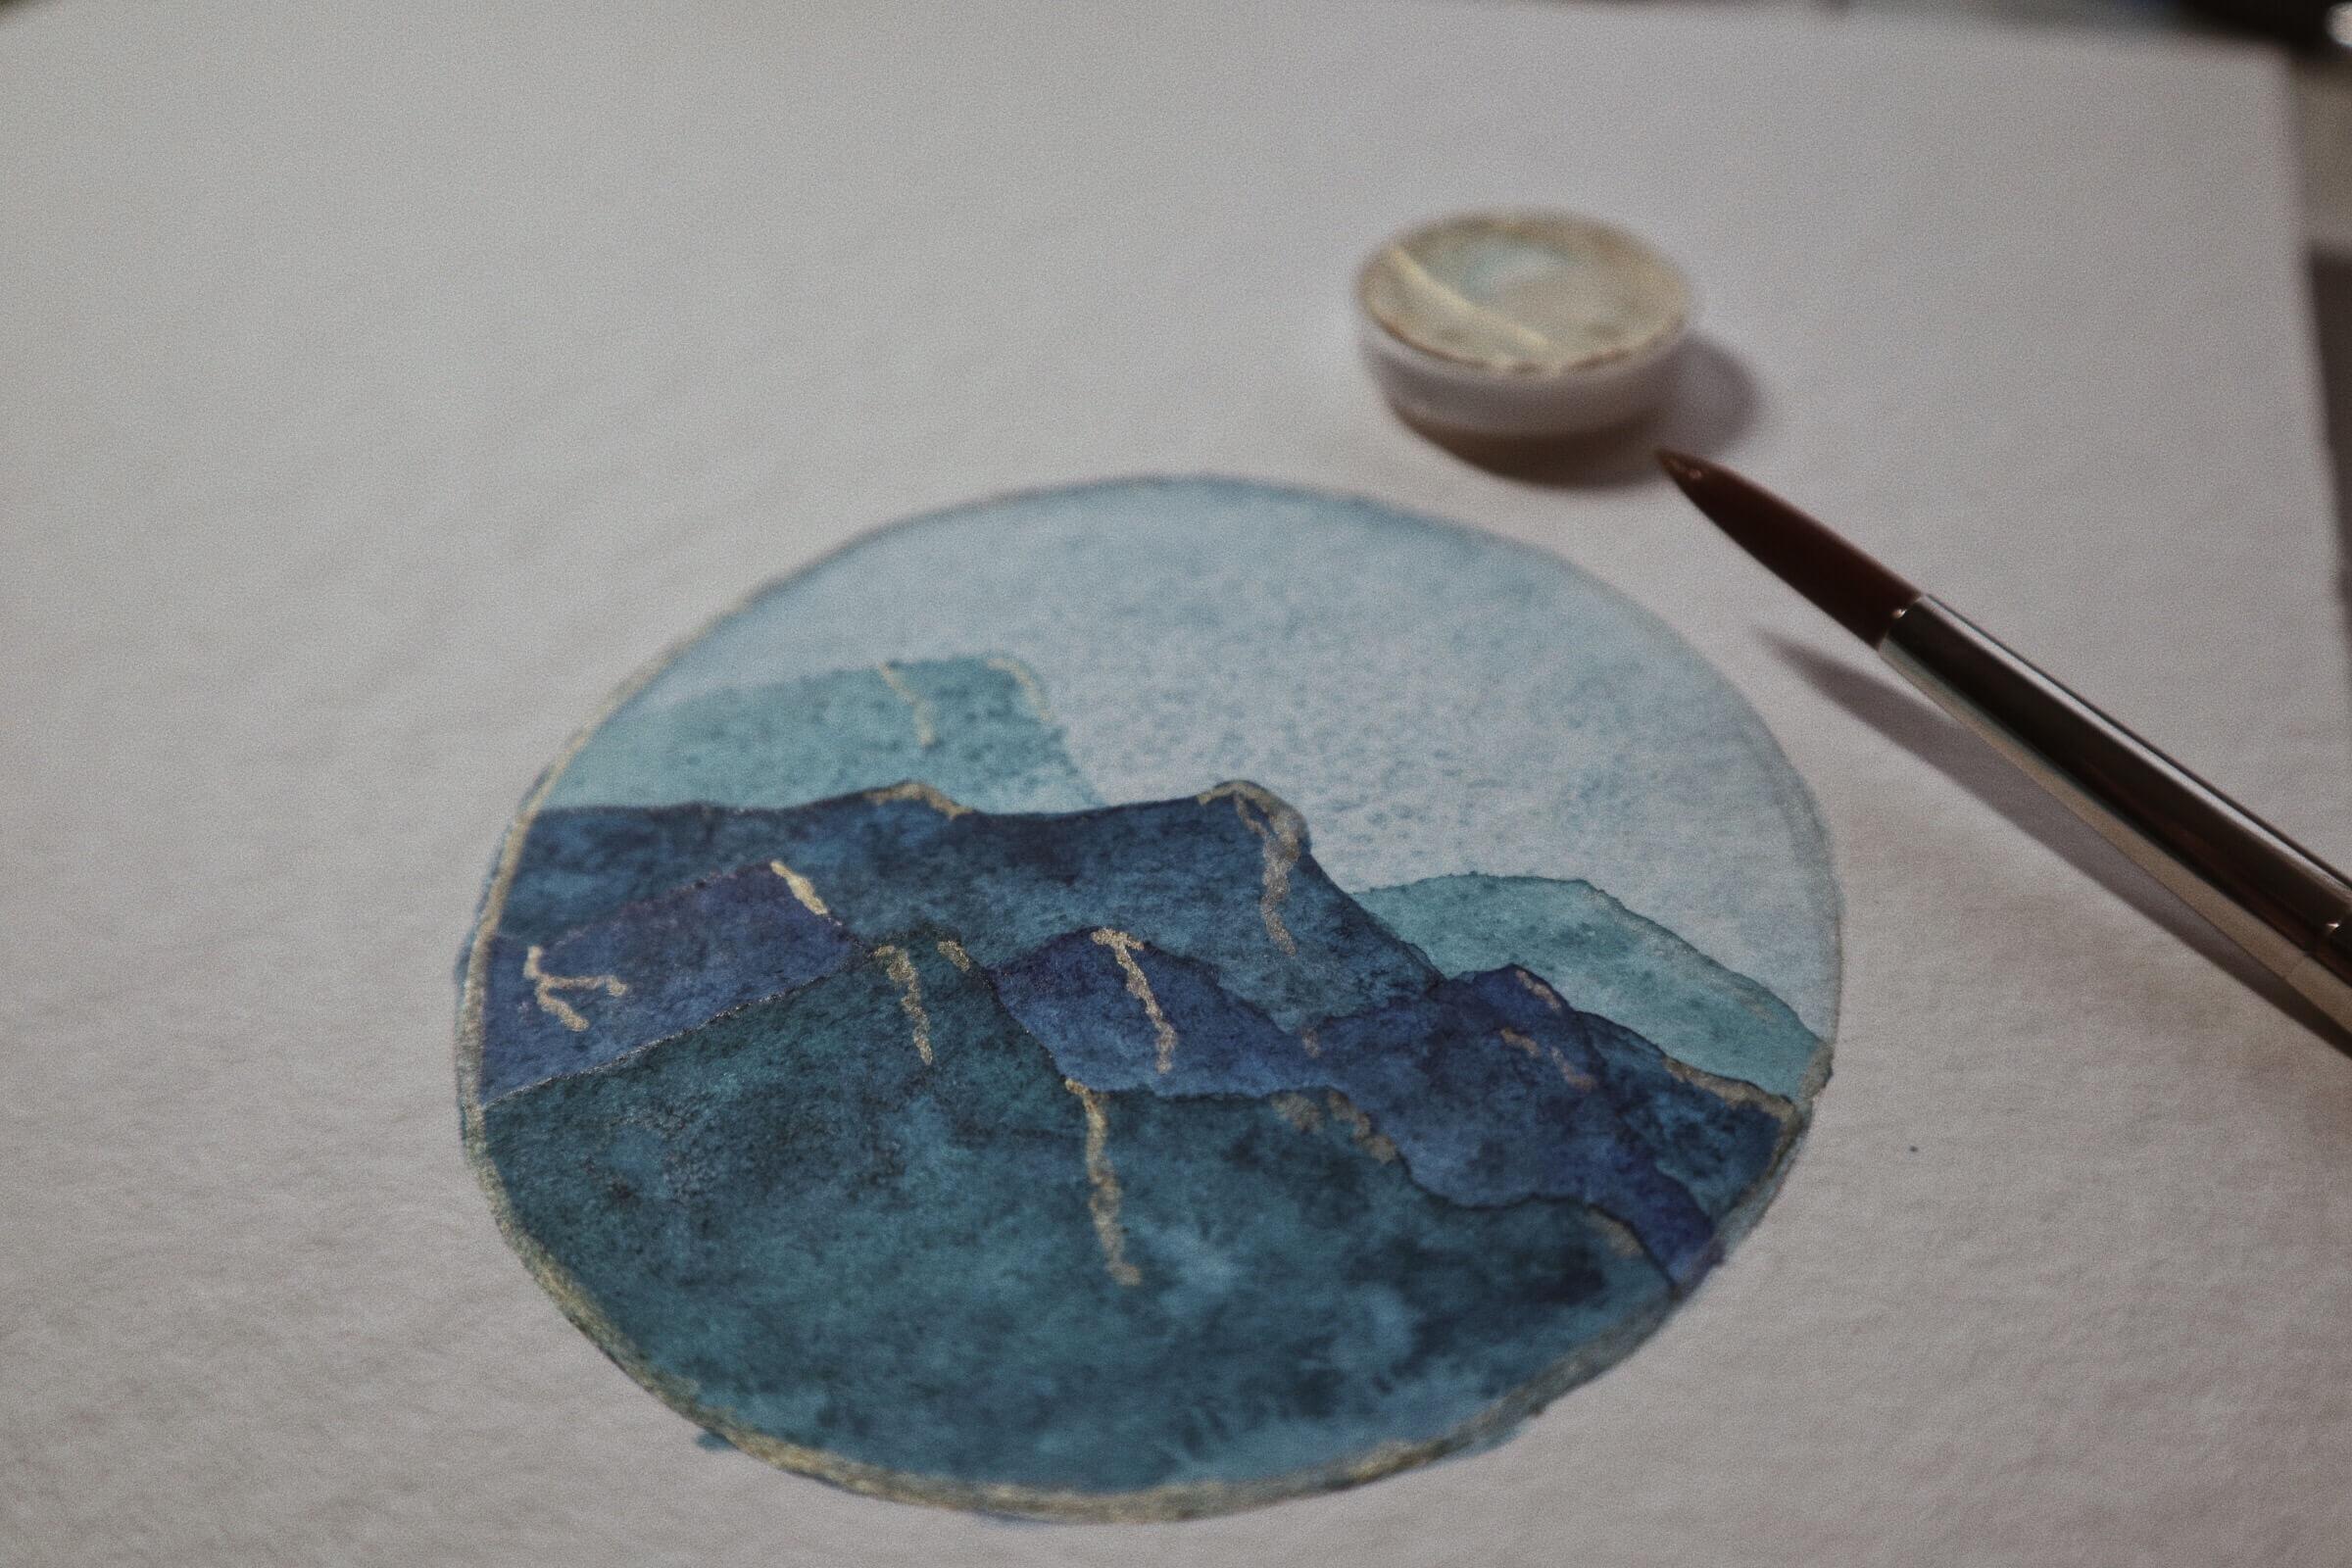 Aquarell Kreis Landschaft Berge